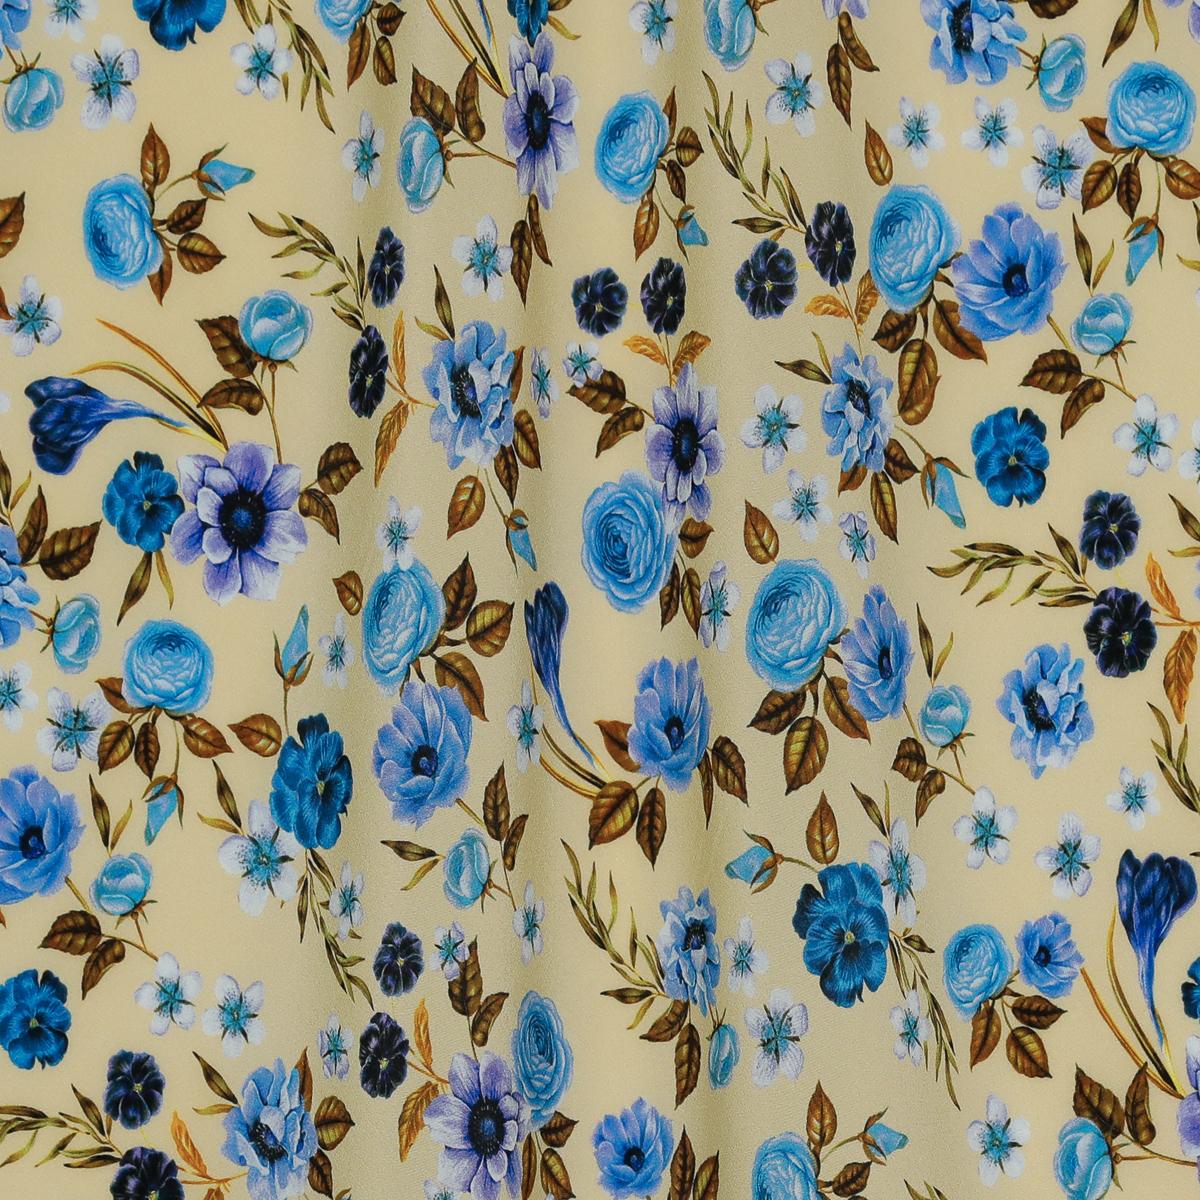 Тонкий шёлковый крепдешин голубые цветы на жёлтом